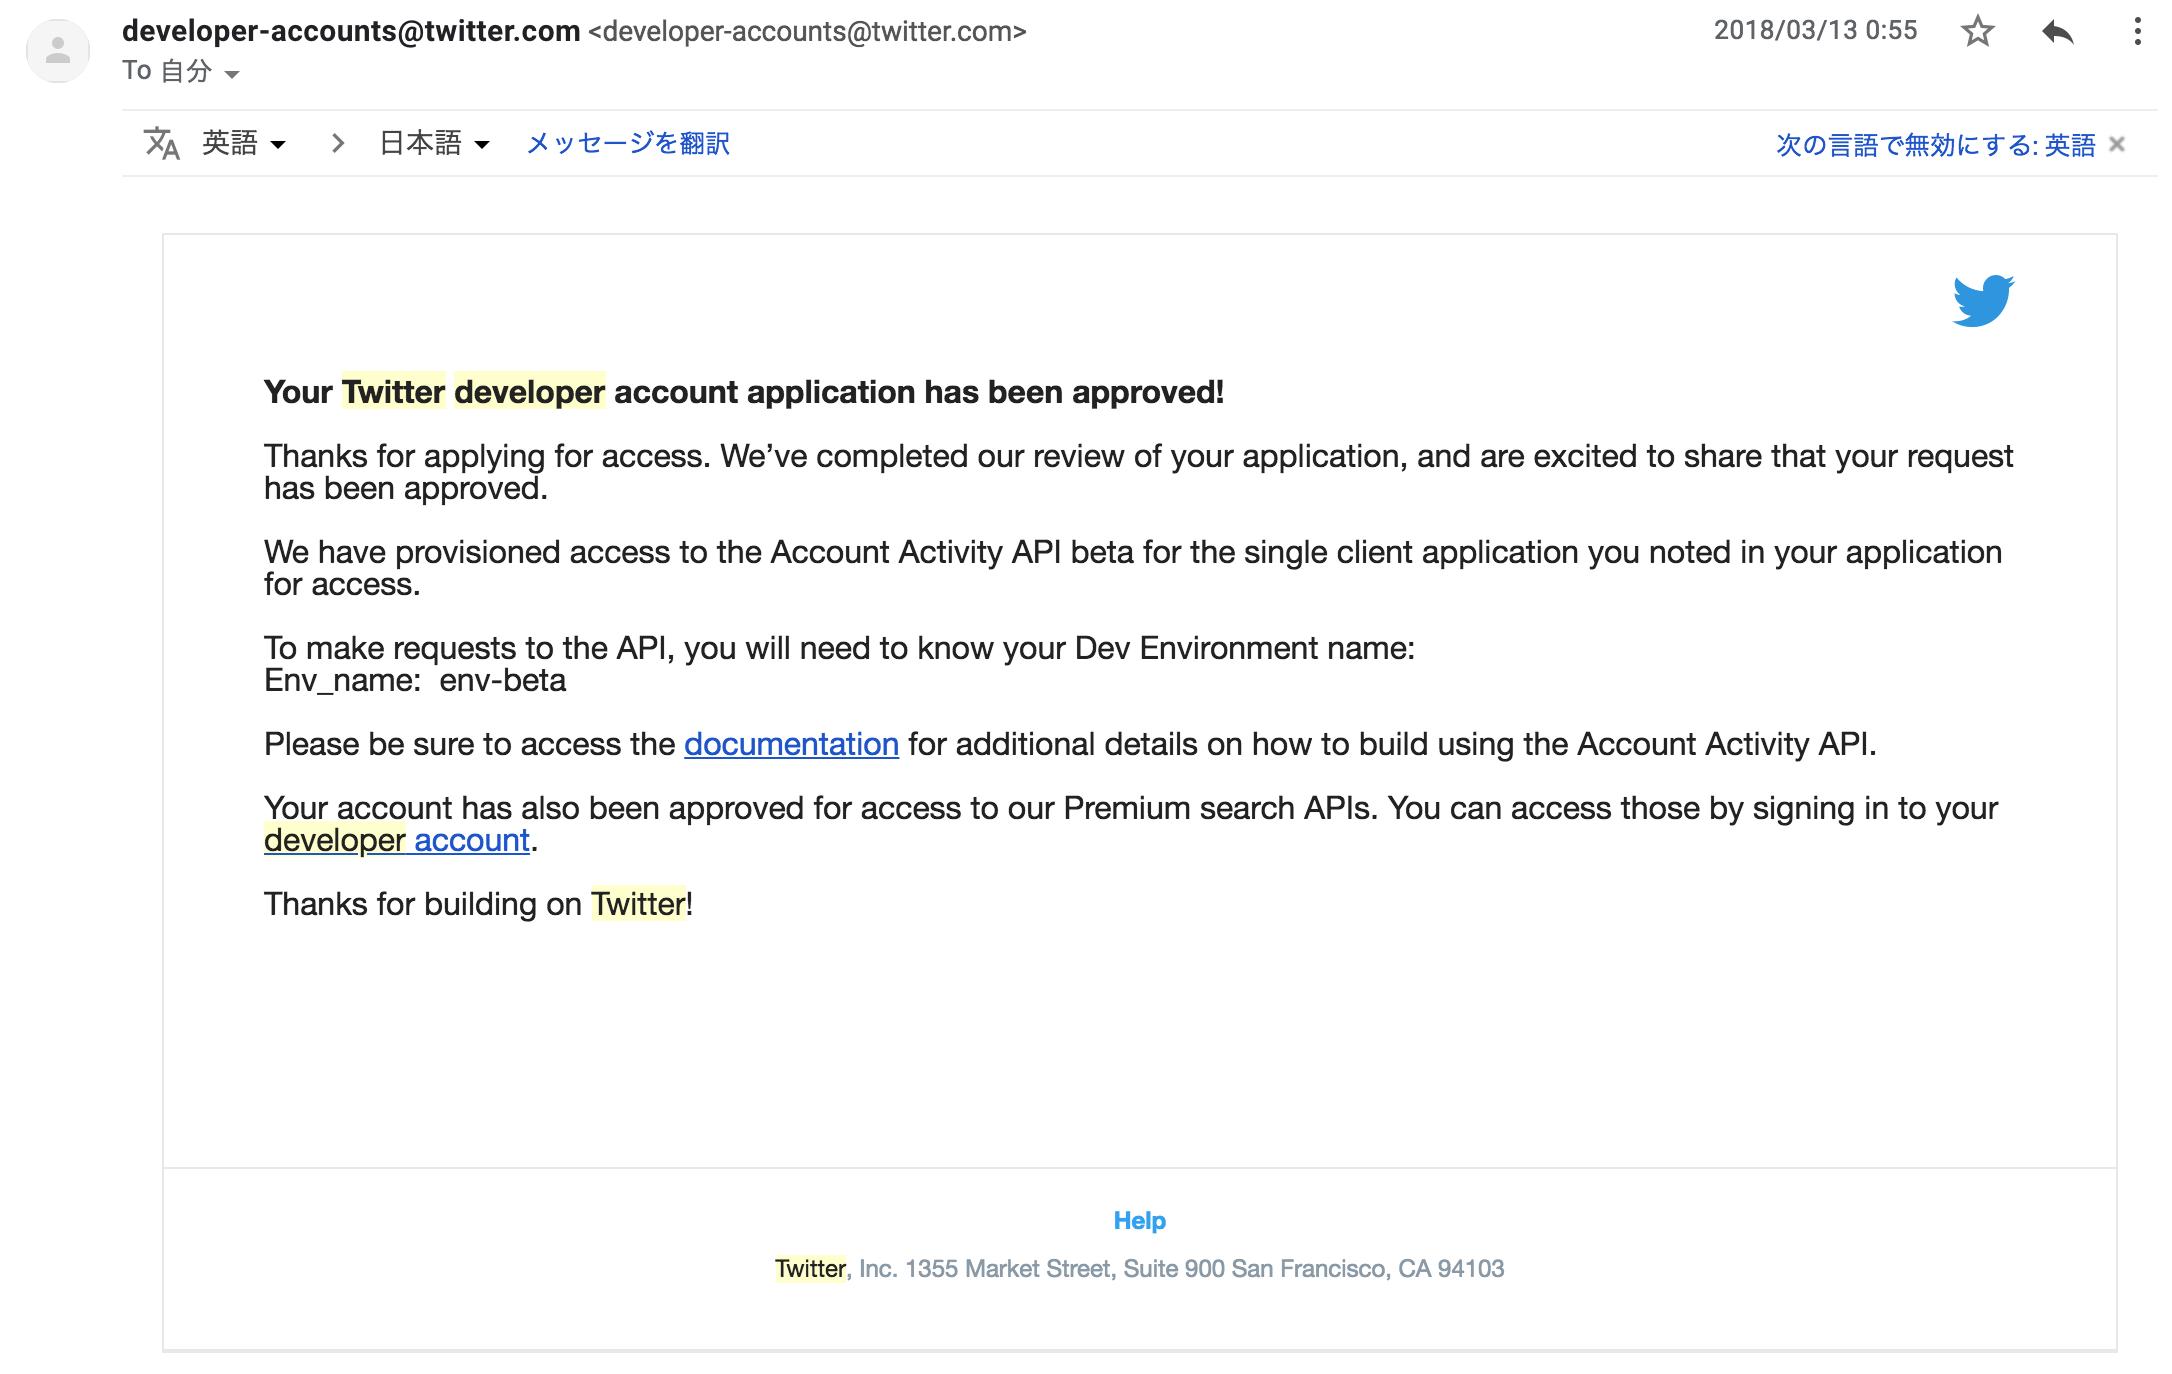 申請成功のメール